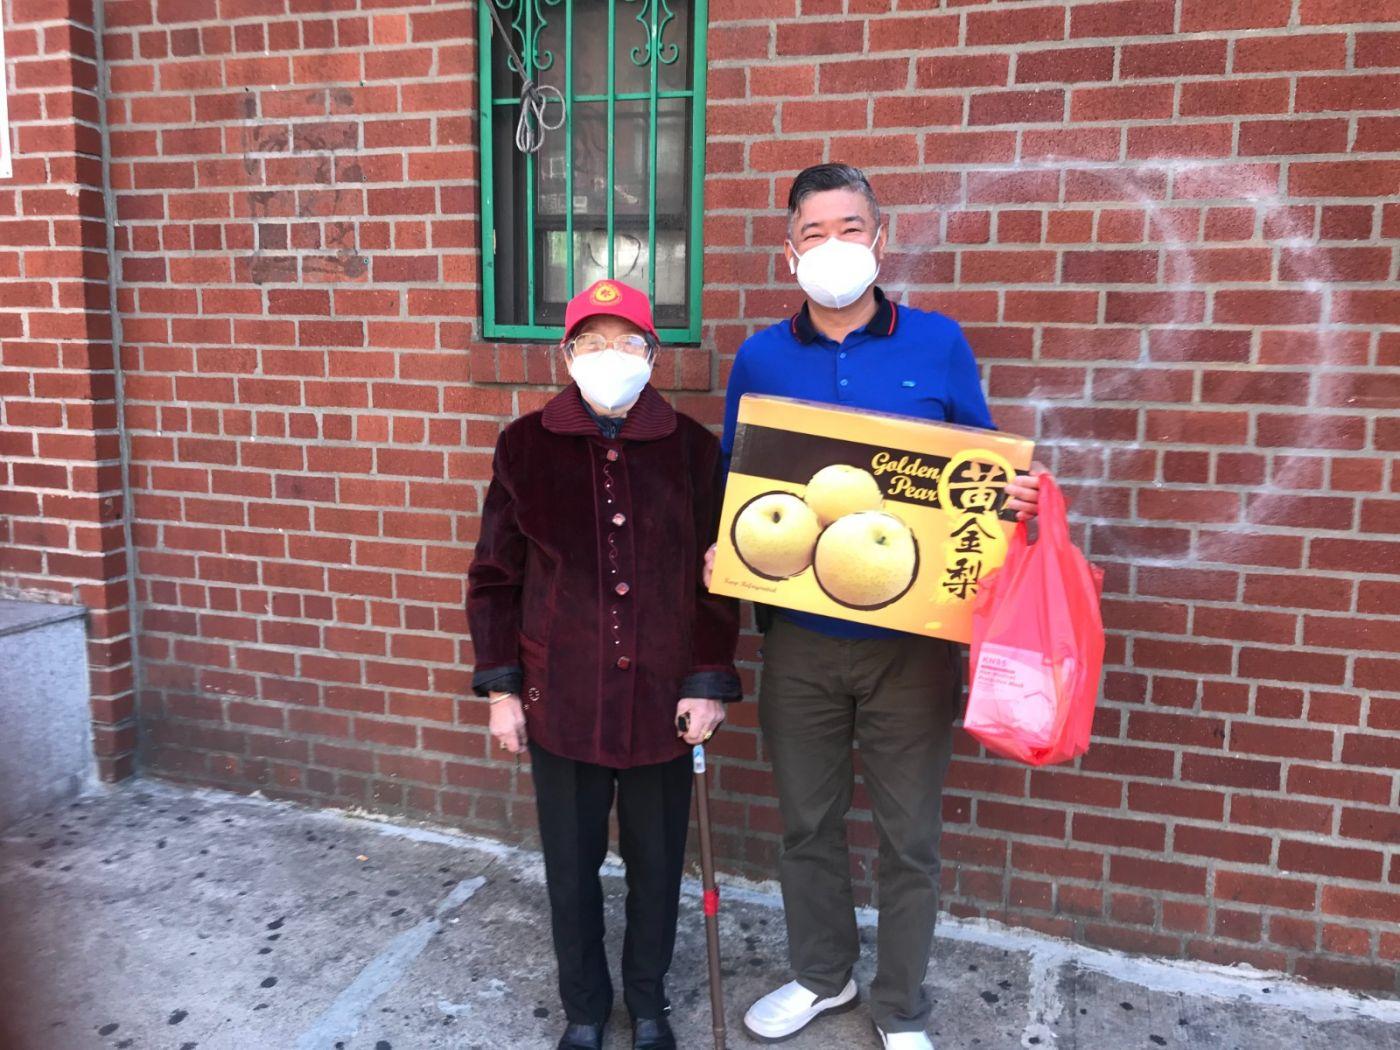 美国福州長安联谊会举办《喜迎中秋.欢度国庆》赠送月饼活动在纽约举行 ... ... ... .. ..._图1-18